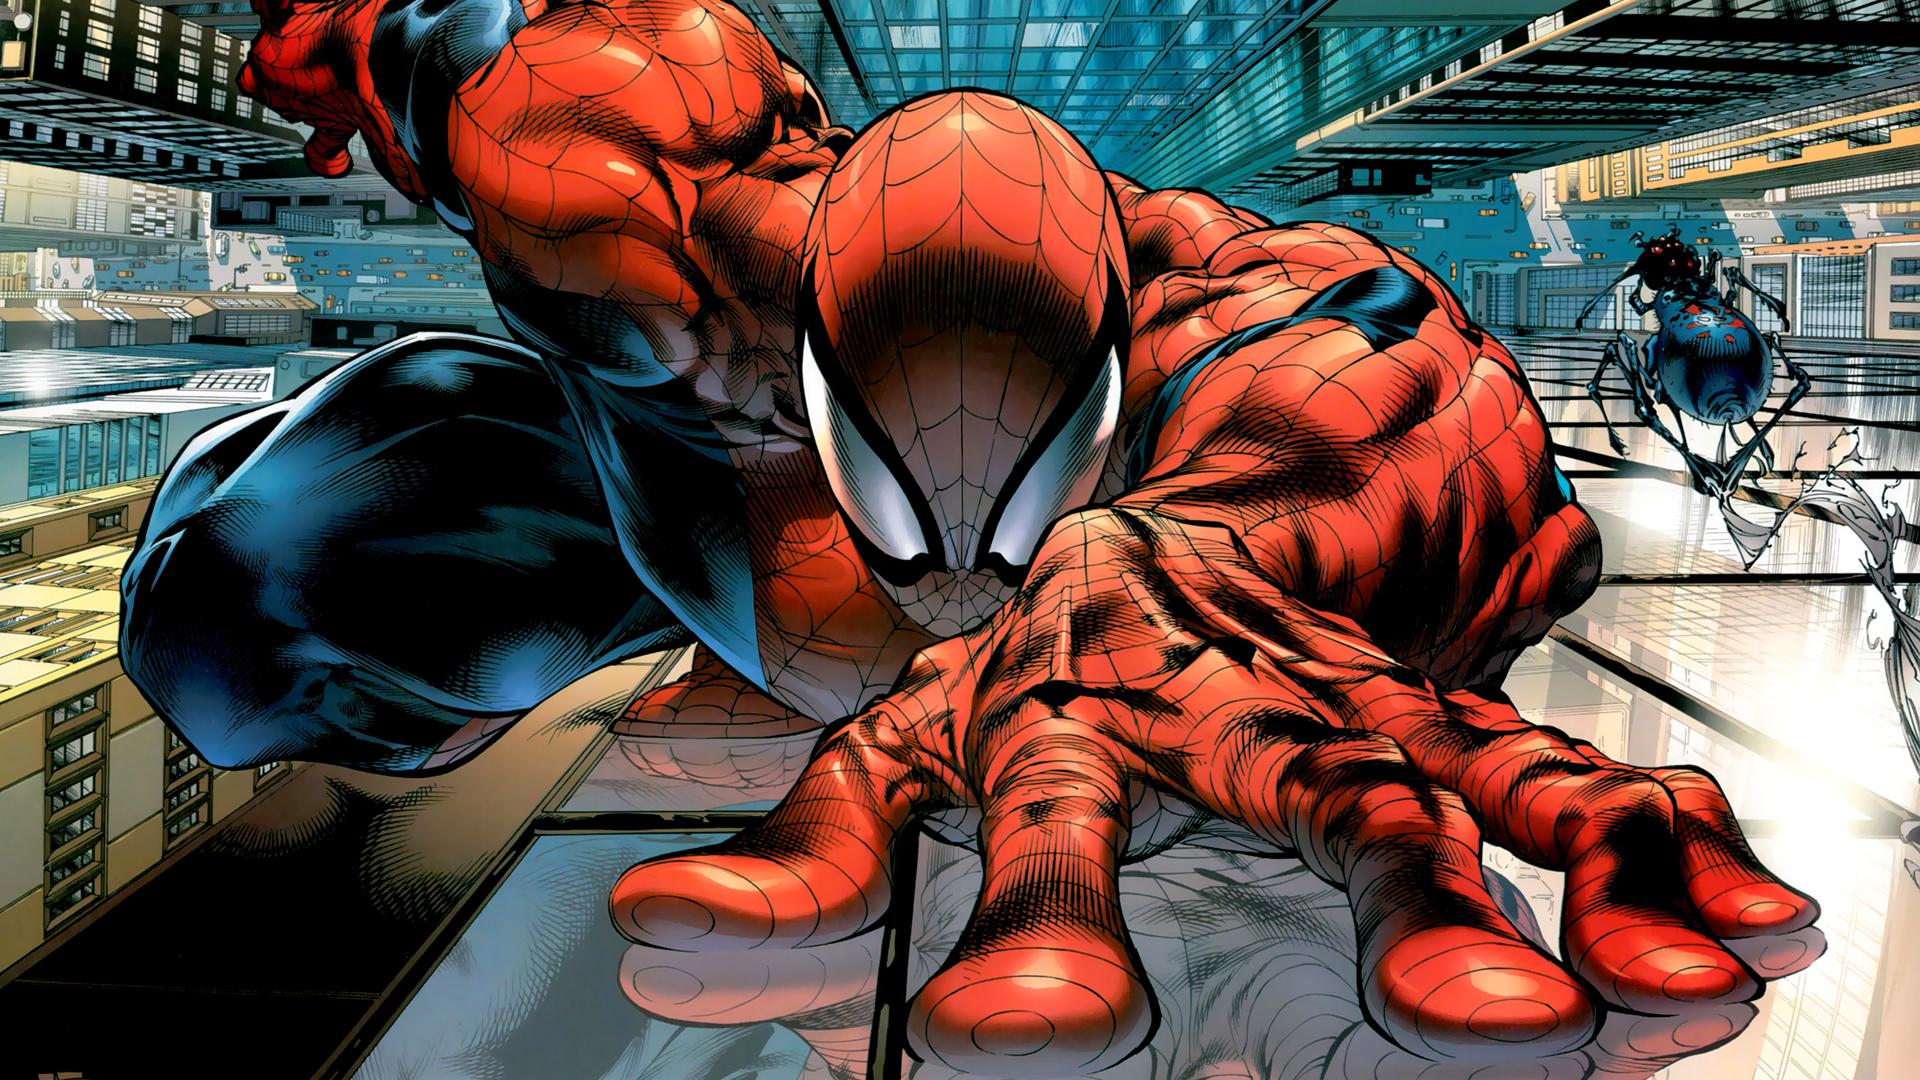 Comics Spider man Wallpaper 1920x1080 Comics Spiderman Marvel 1920x1080